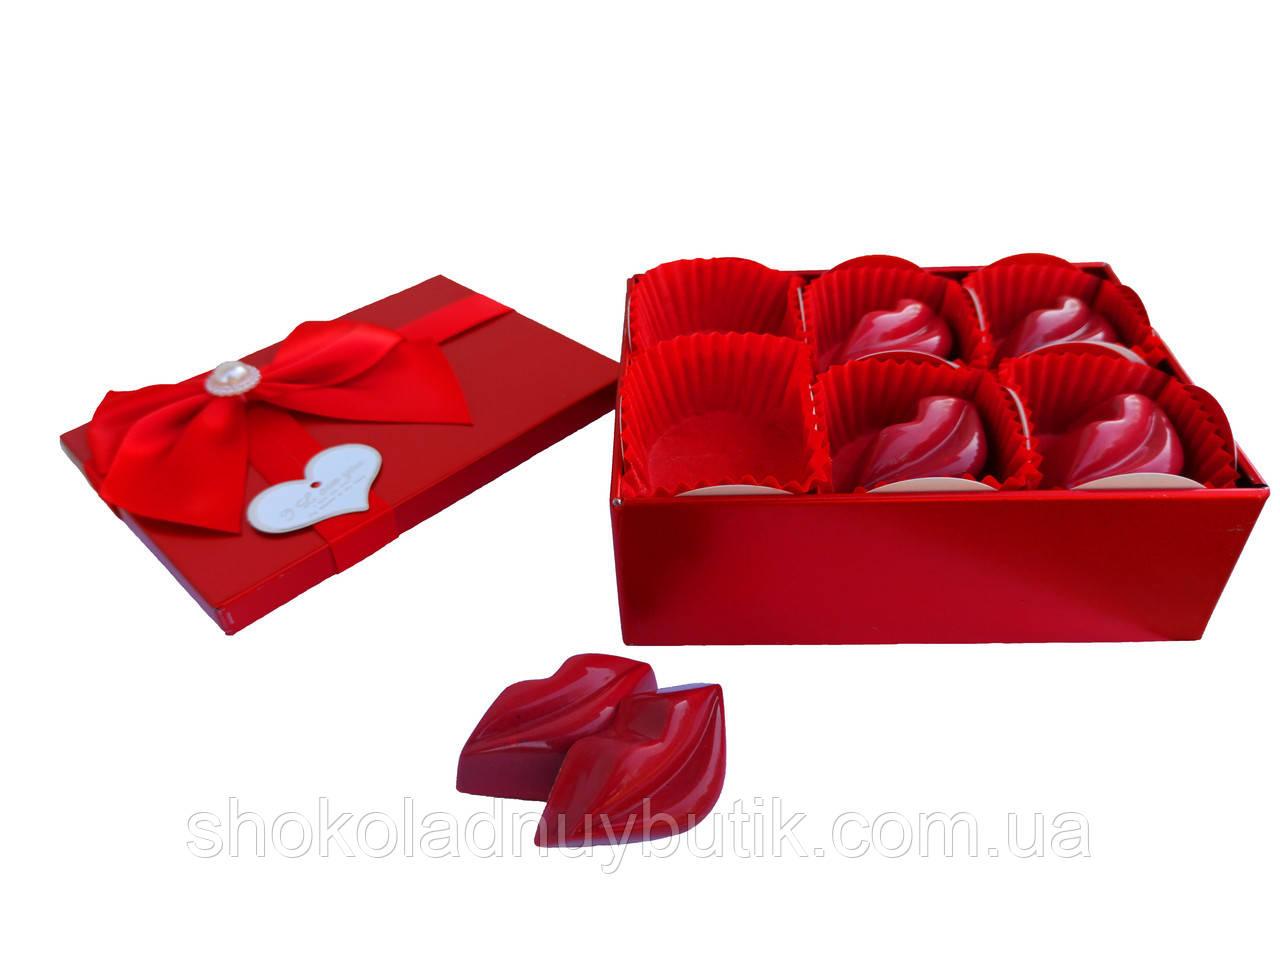 Шоколадные конфеты ручной роботы *Lovely 8*